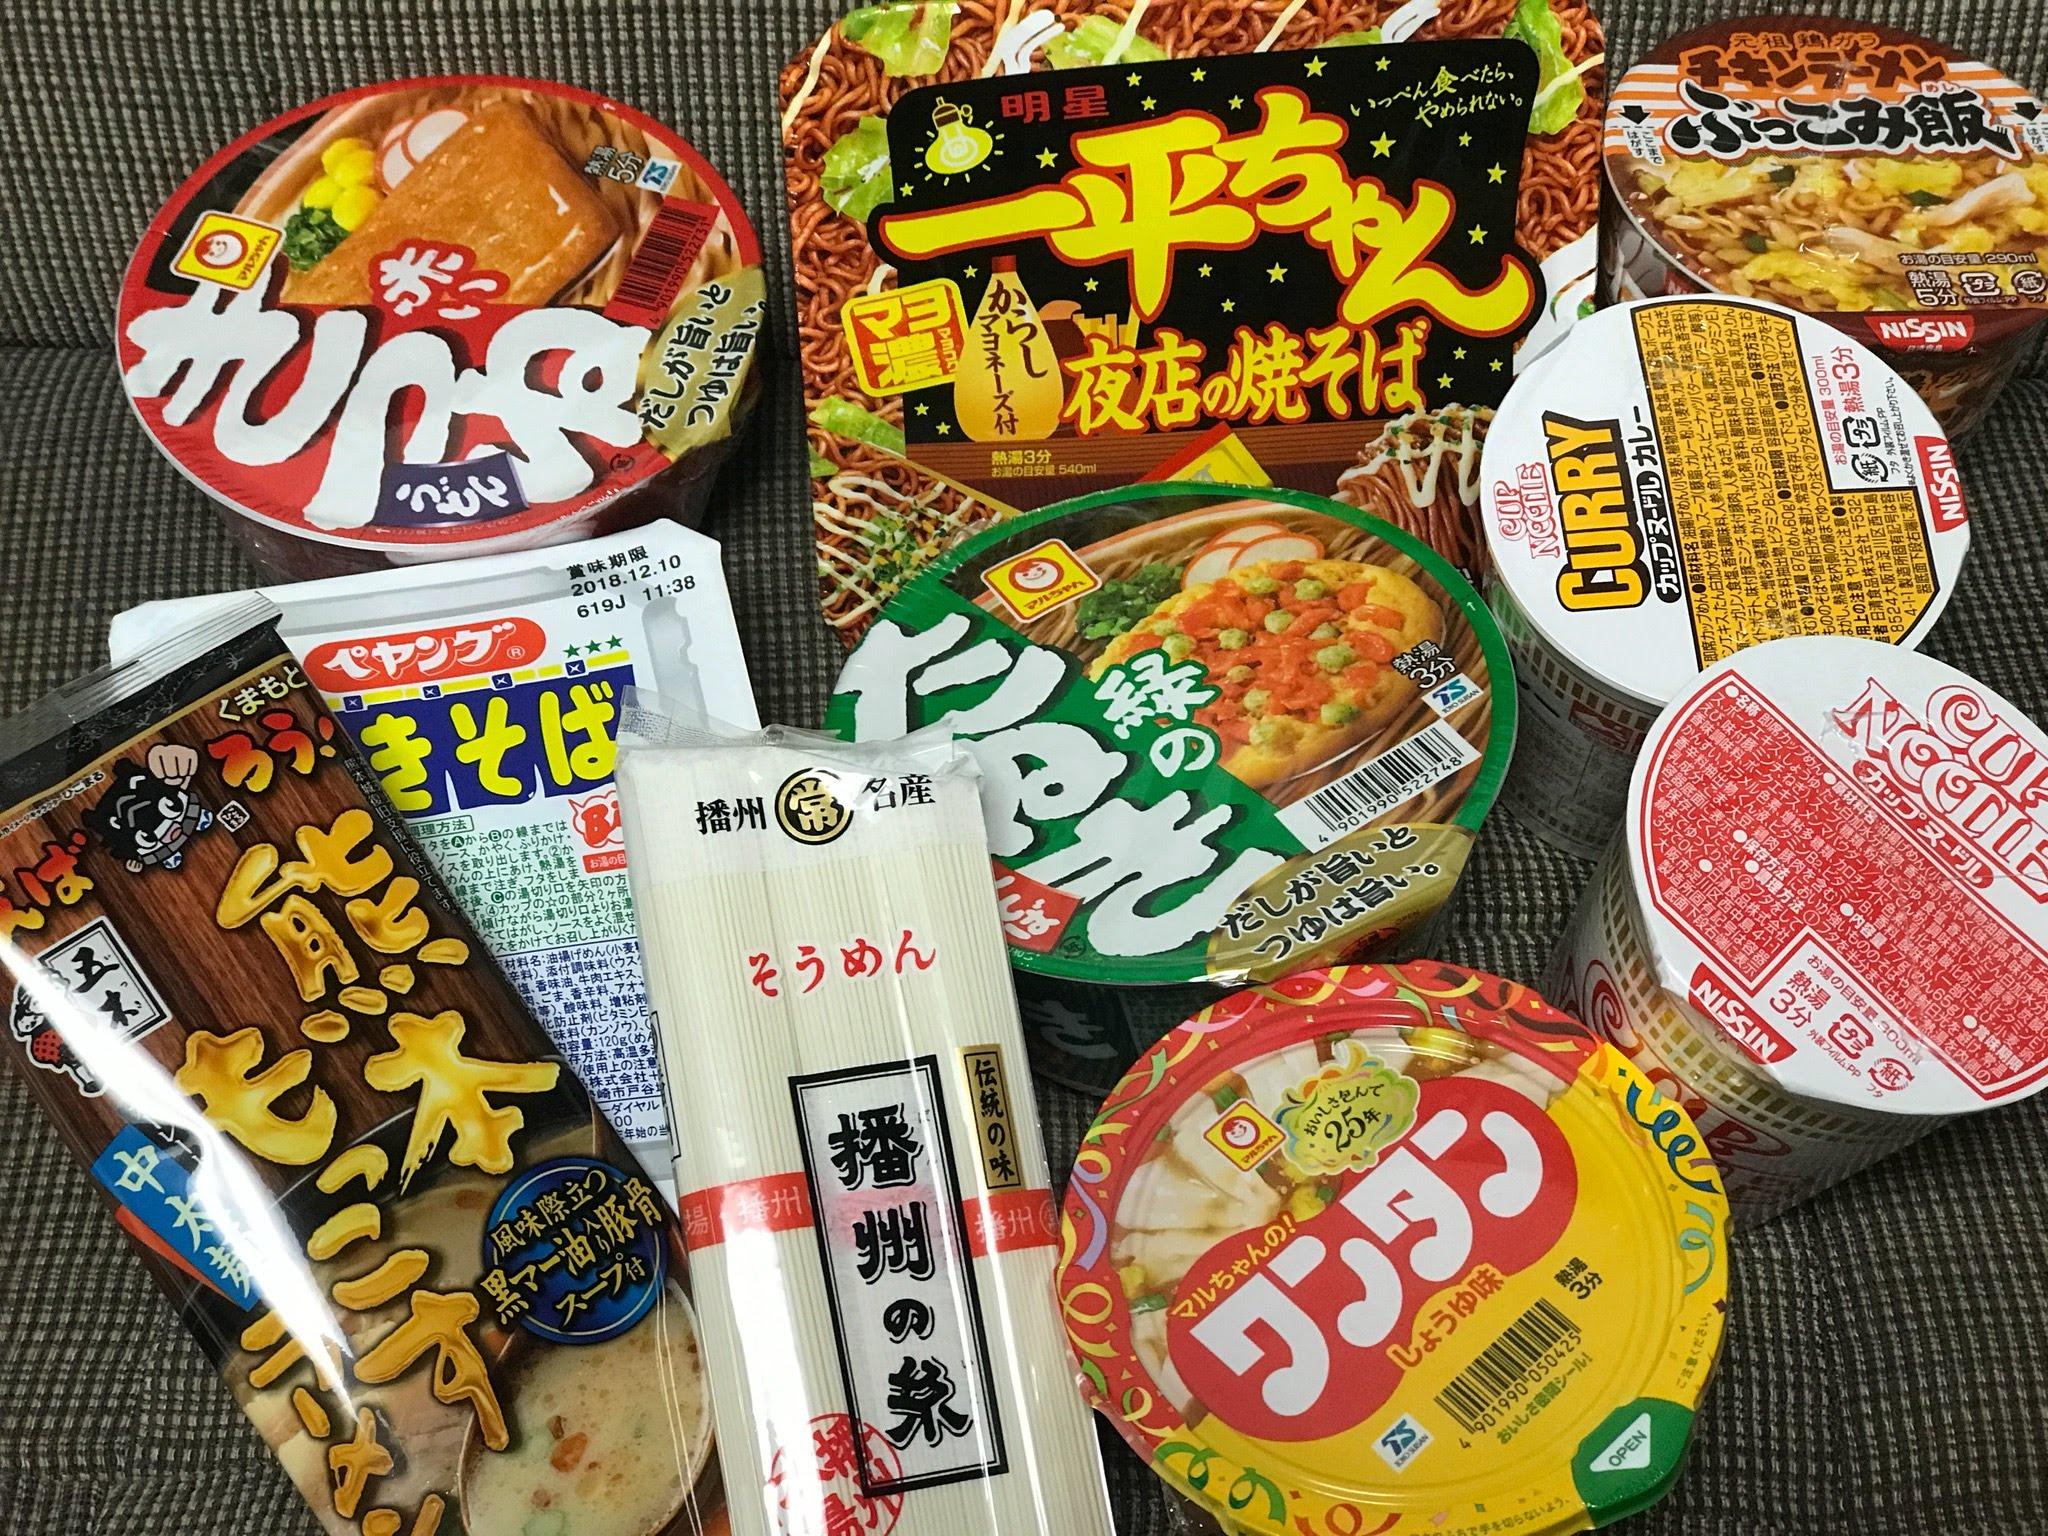 色々なカップ麺